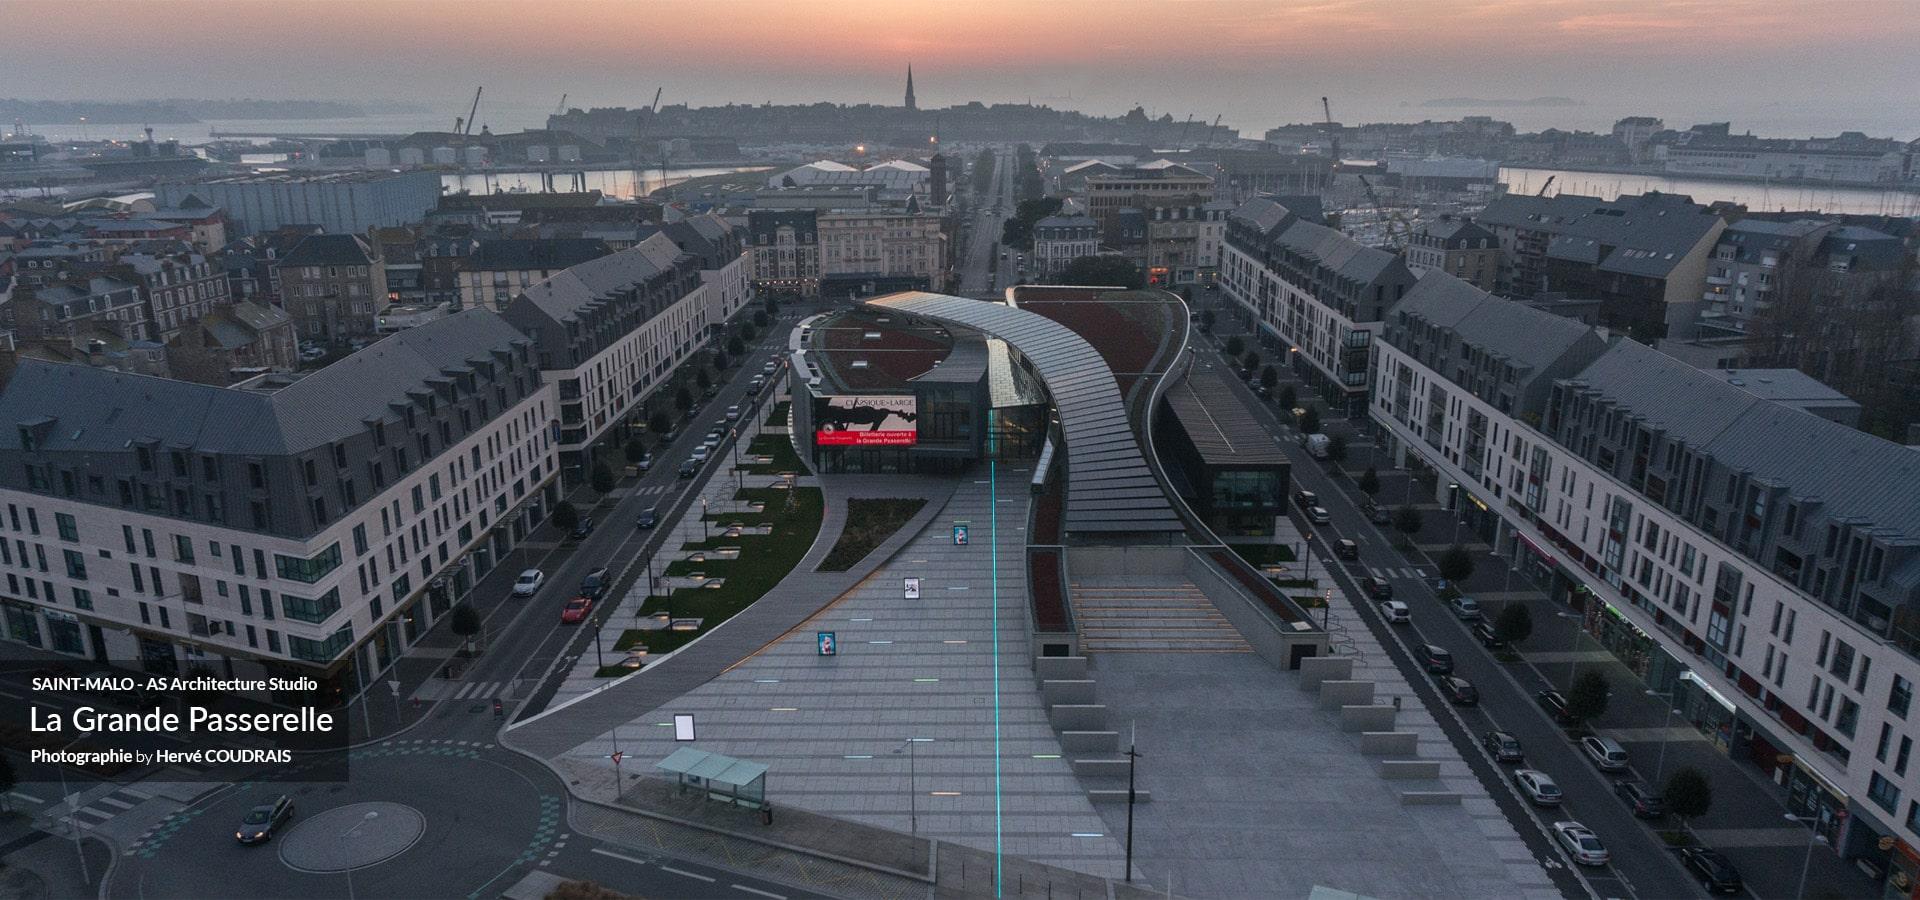 Photo Saint-Malo, Saint-Malo vu du ciel, la grande passerelle, AS Architecture Studio Paris, Architecte, photographie Hervé Coudrais, drone, vu du ciel,